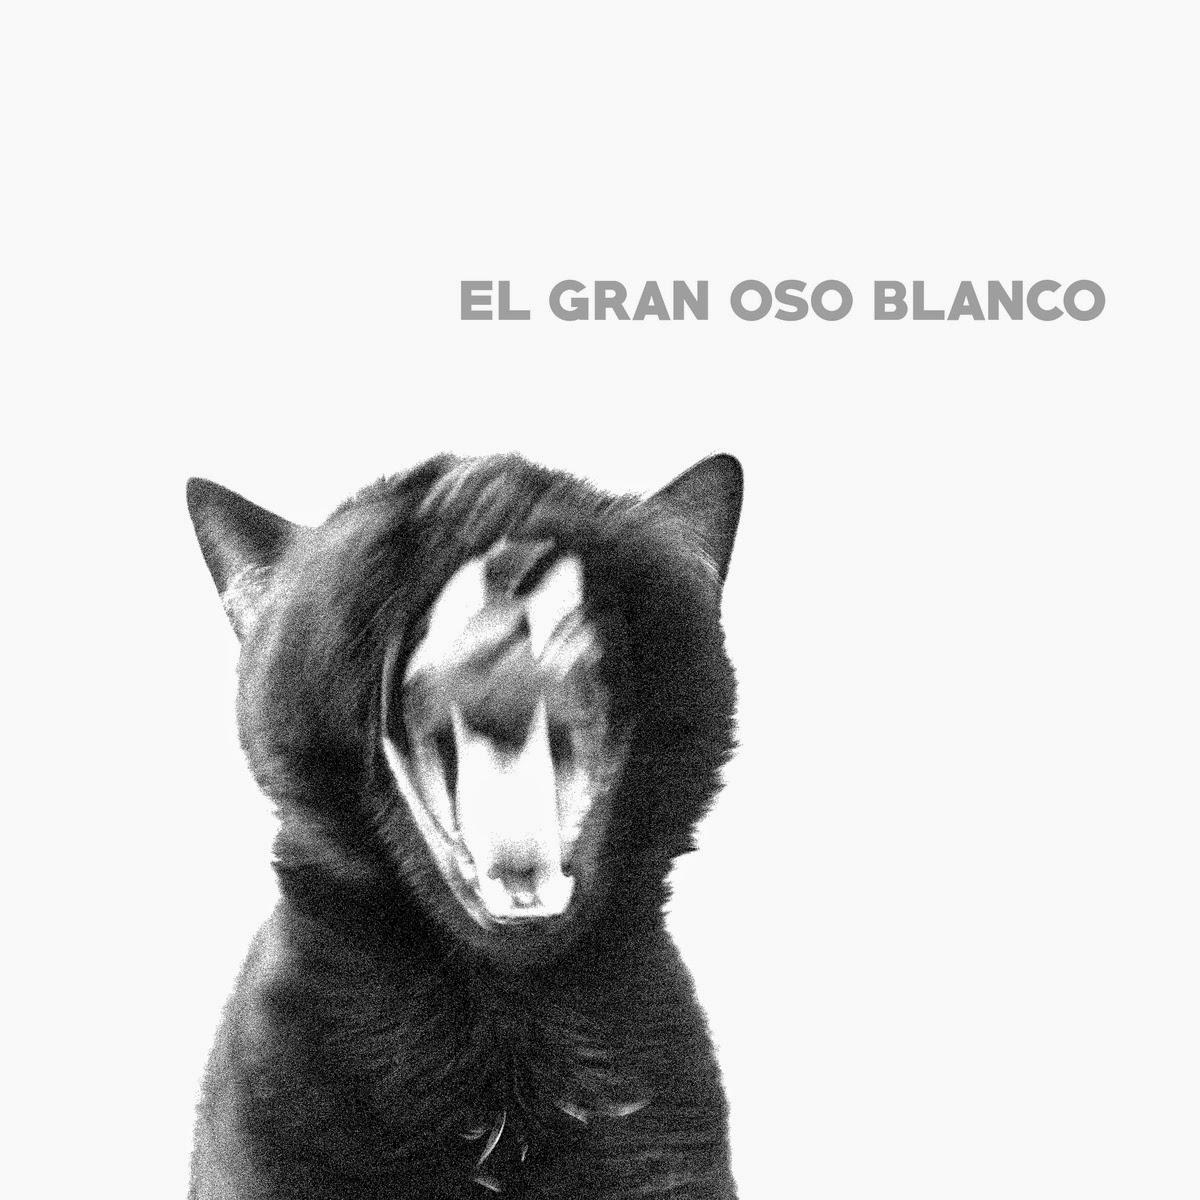 https://elgranosoblanco.bandcamp.com/releases